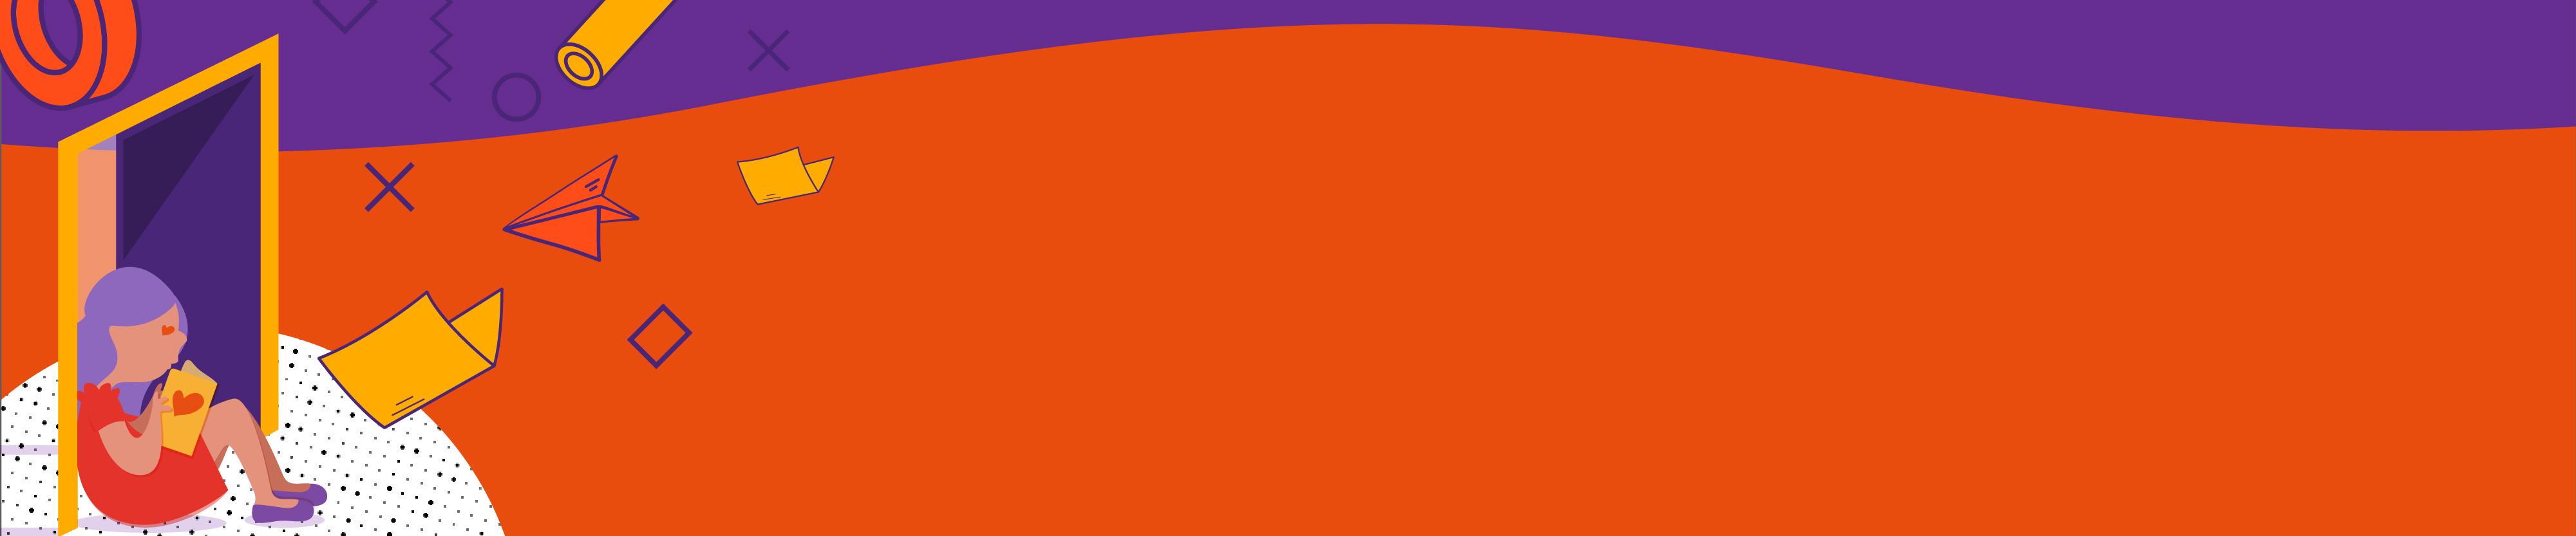 1920x548_ช้อปที่บูธแจ่มใส_cs6-01